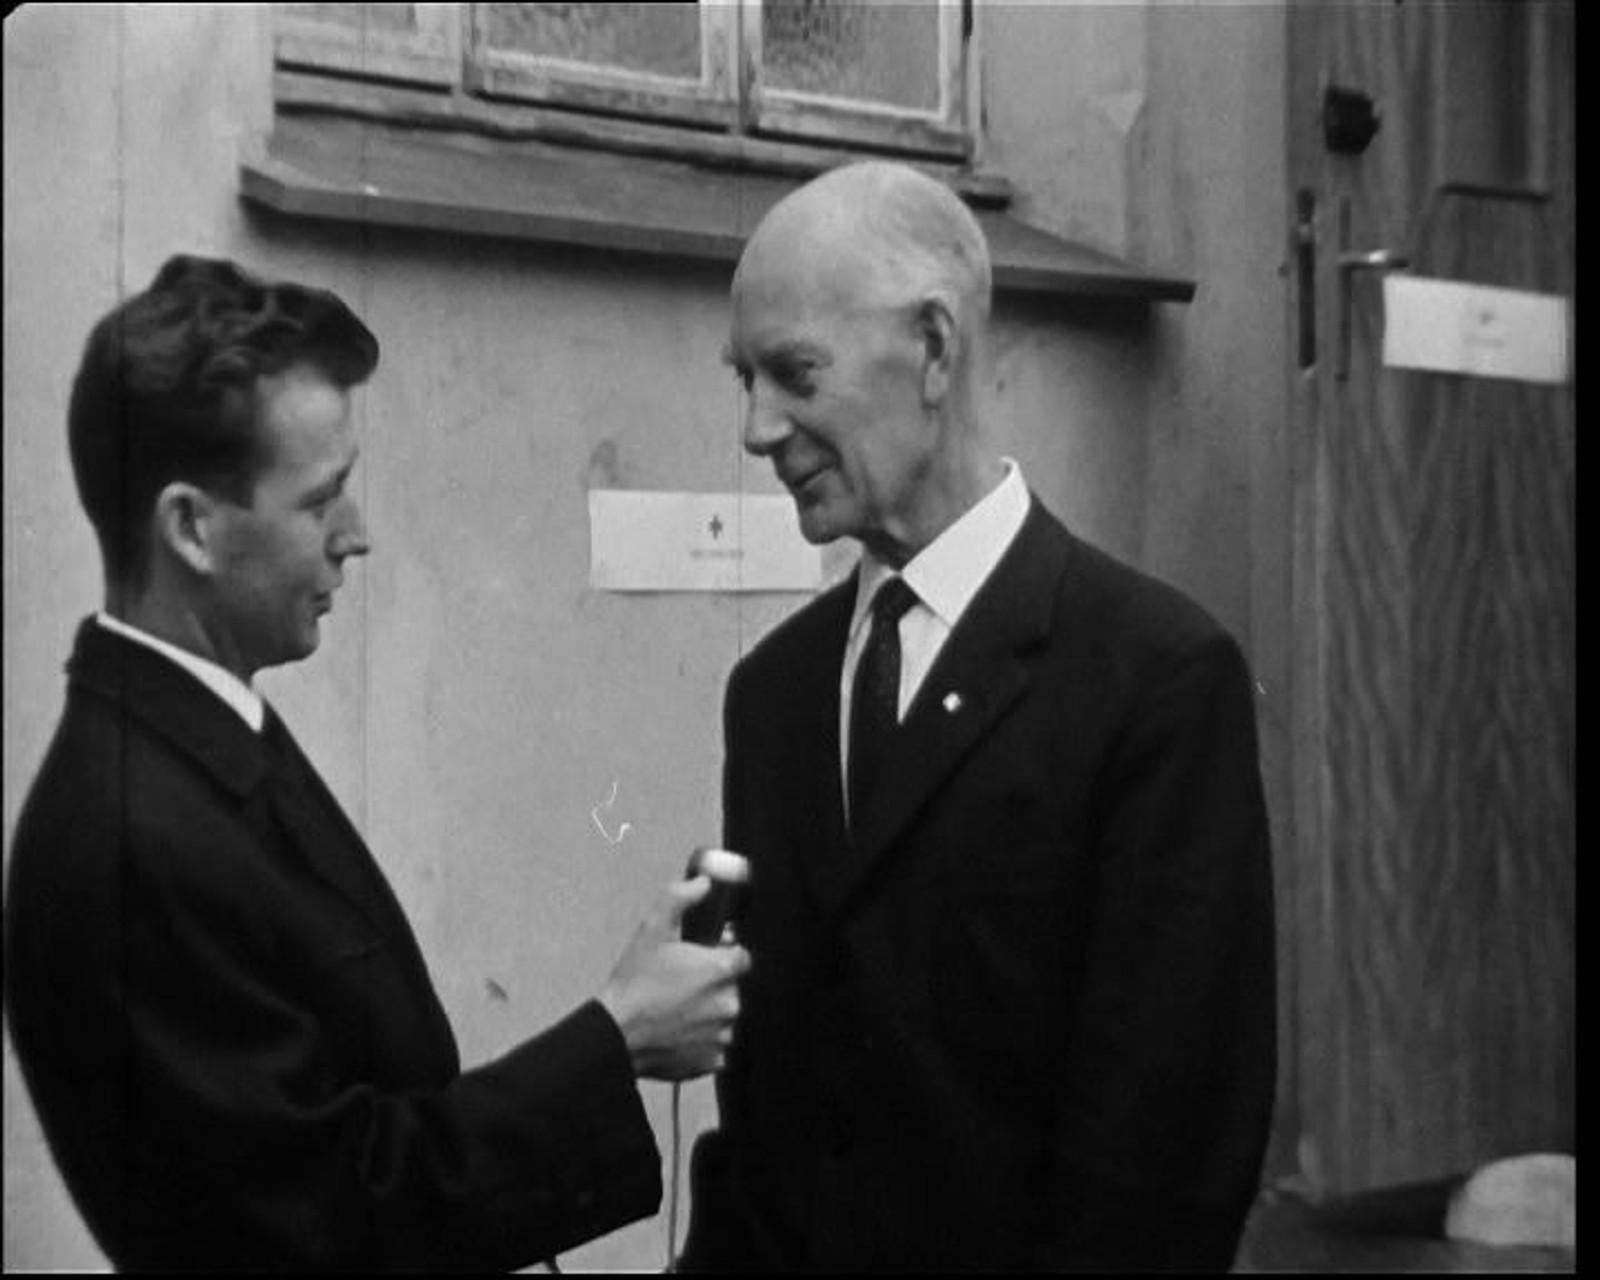 Mangel på opppførsel: NRK-reporter Bjørn Nilsens programmer er stadig tema i Kringkastingsrådet på 1970-tallet. Her intervjuer han Einar Gerhardsen.